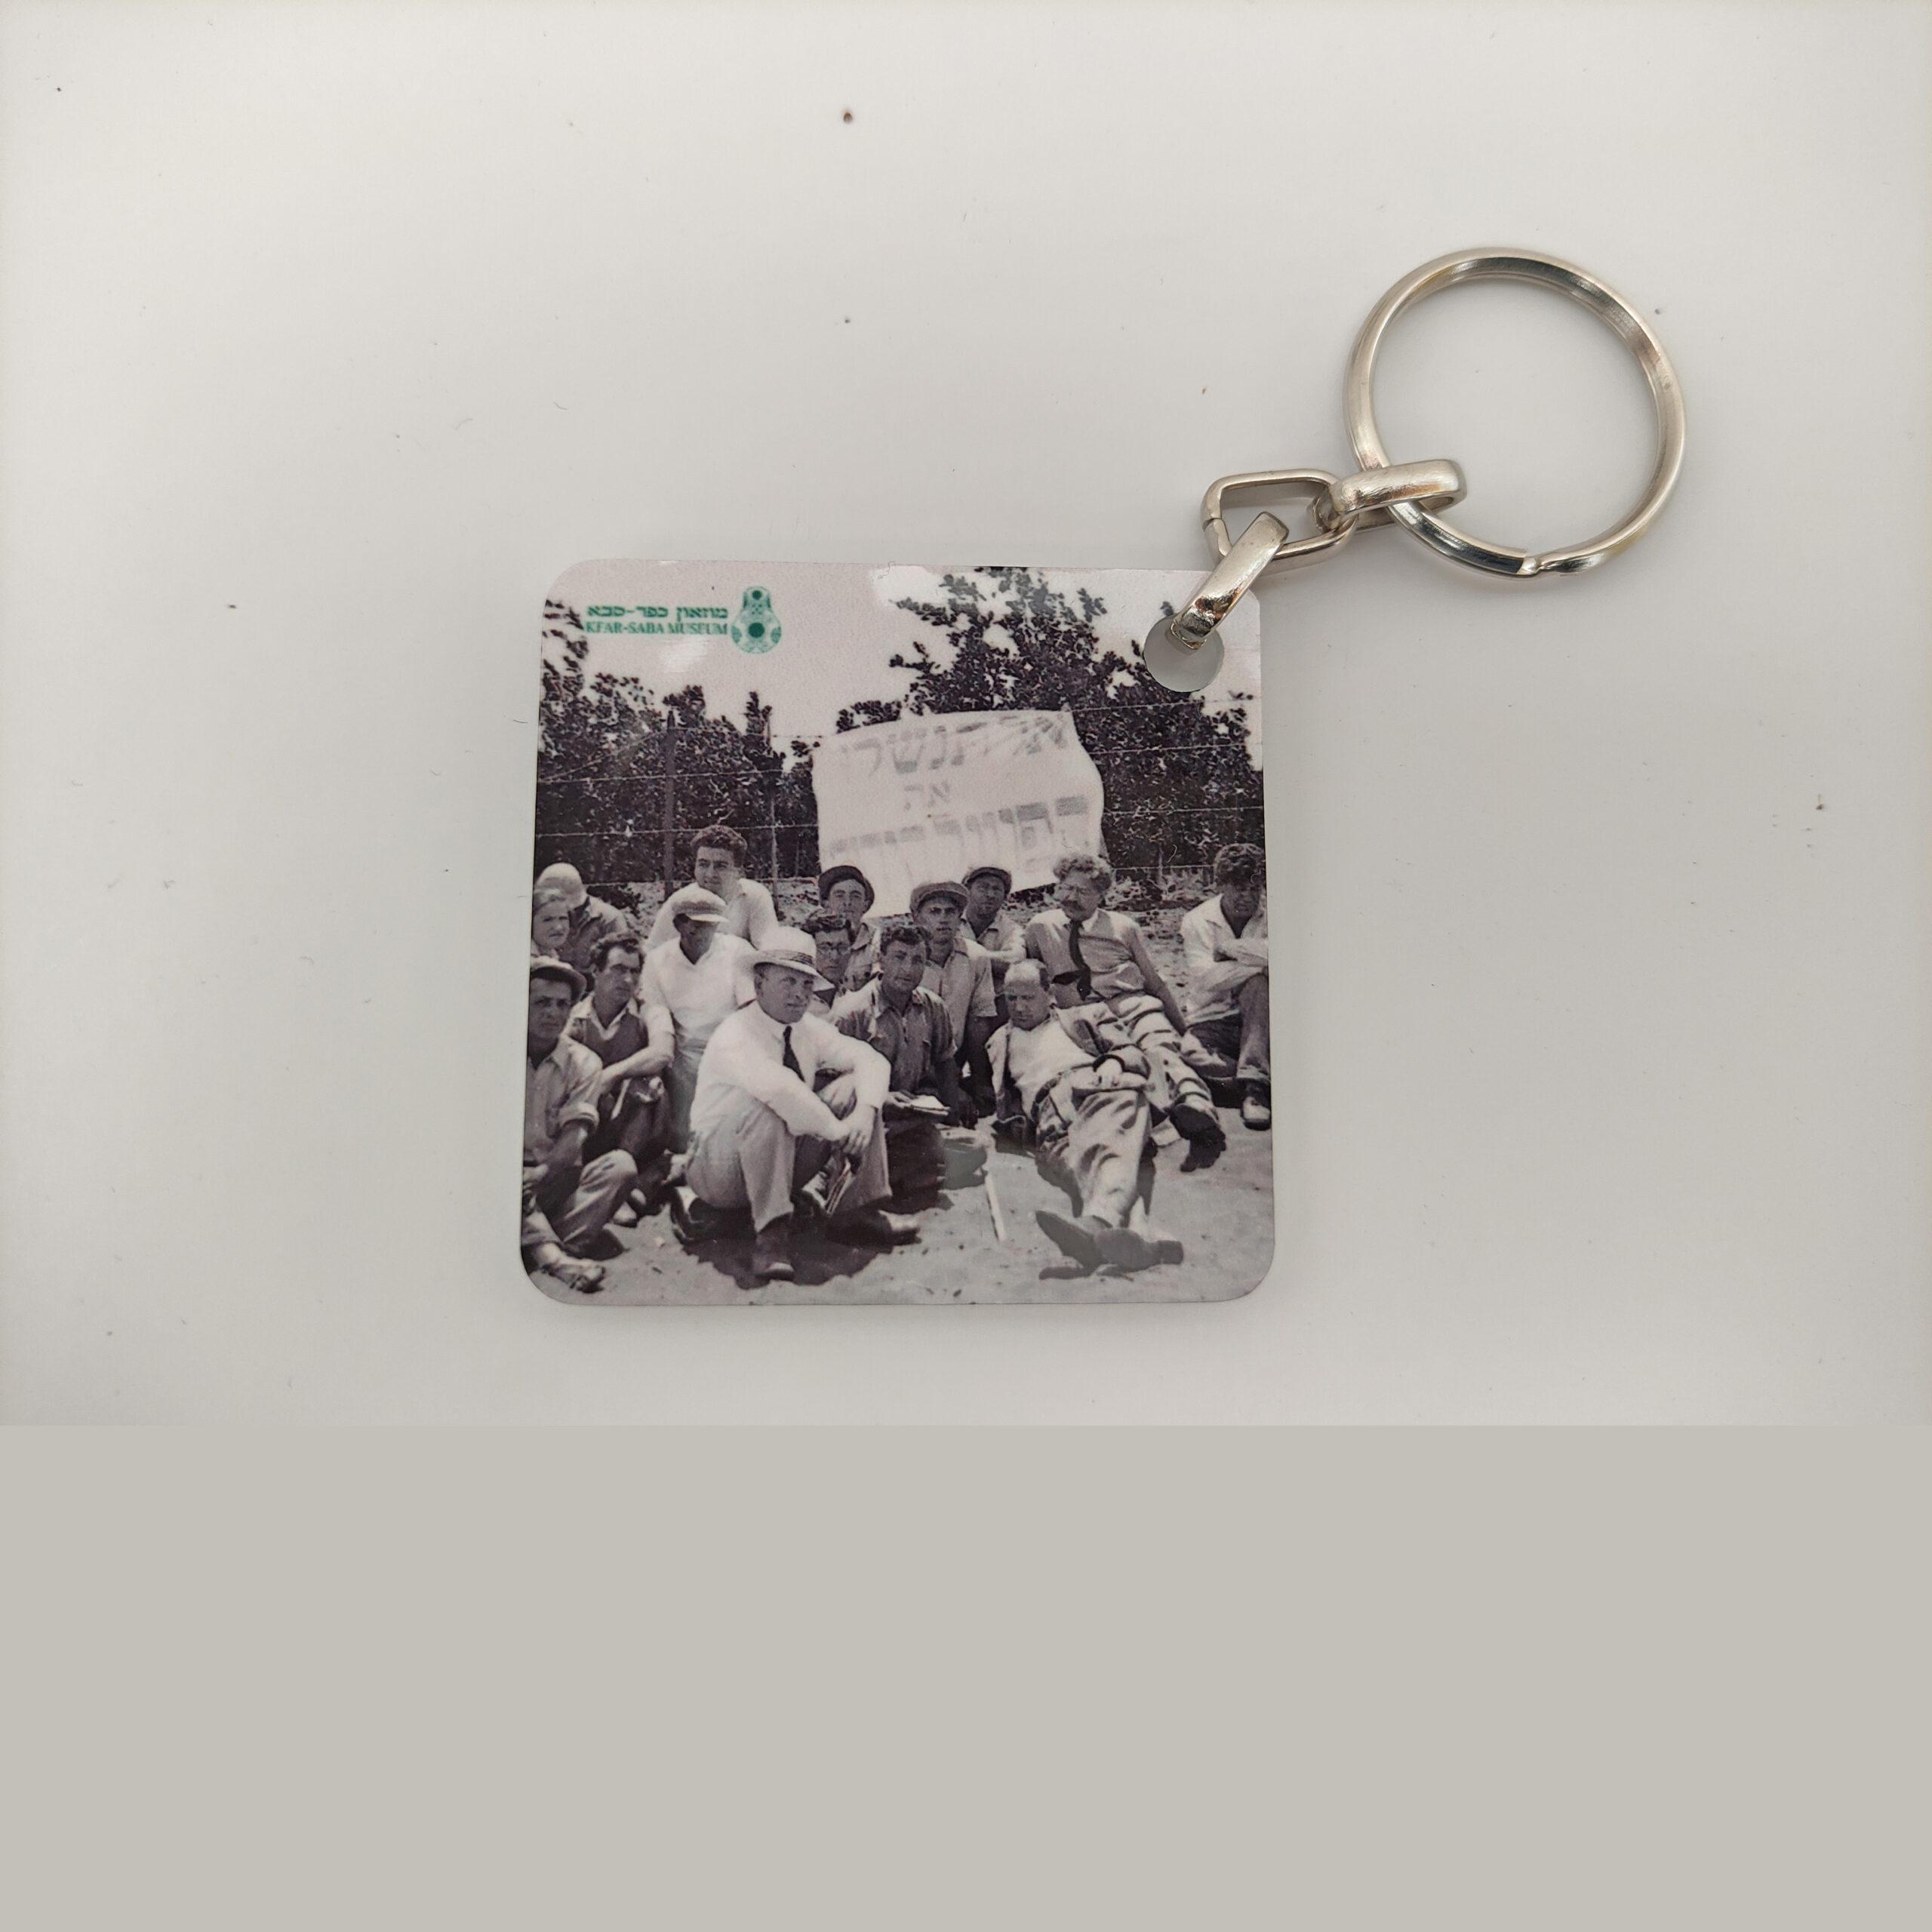 מחזיק מפתחות עם צילום היסטורי